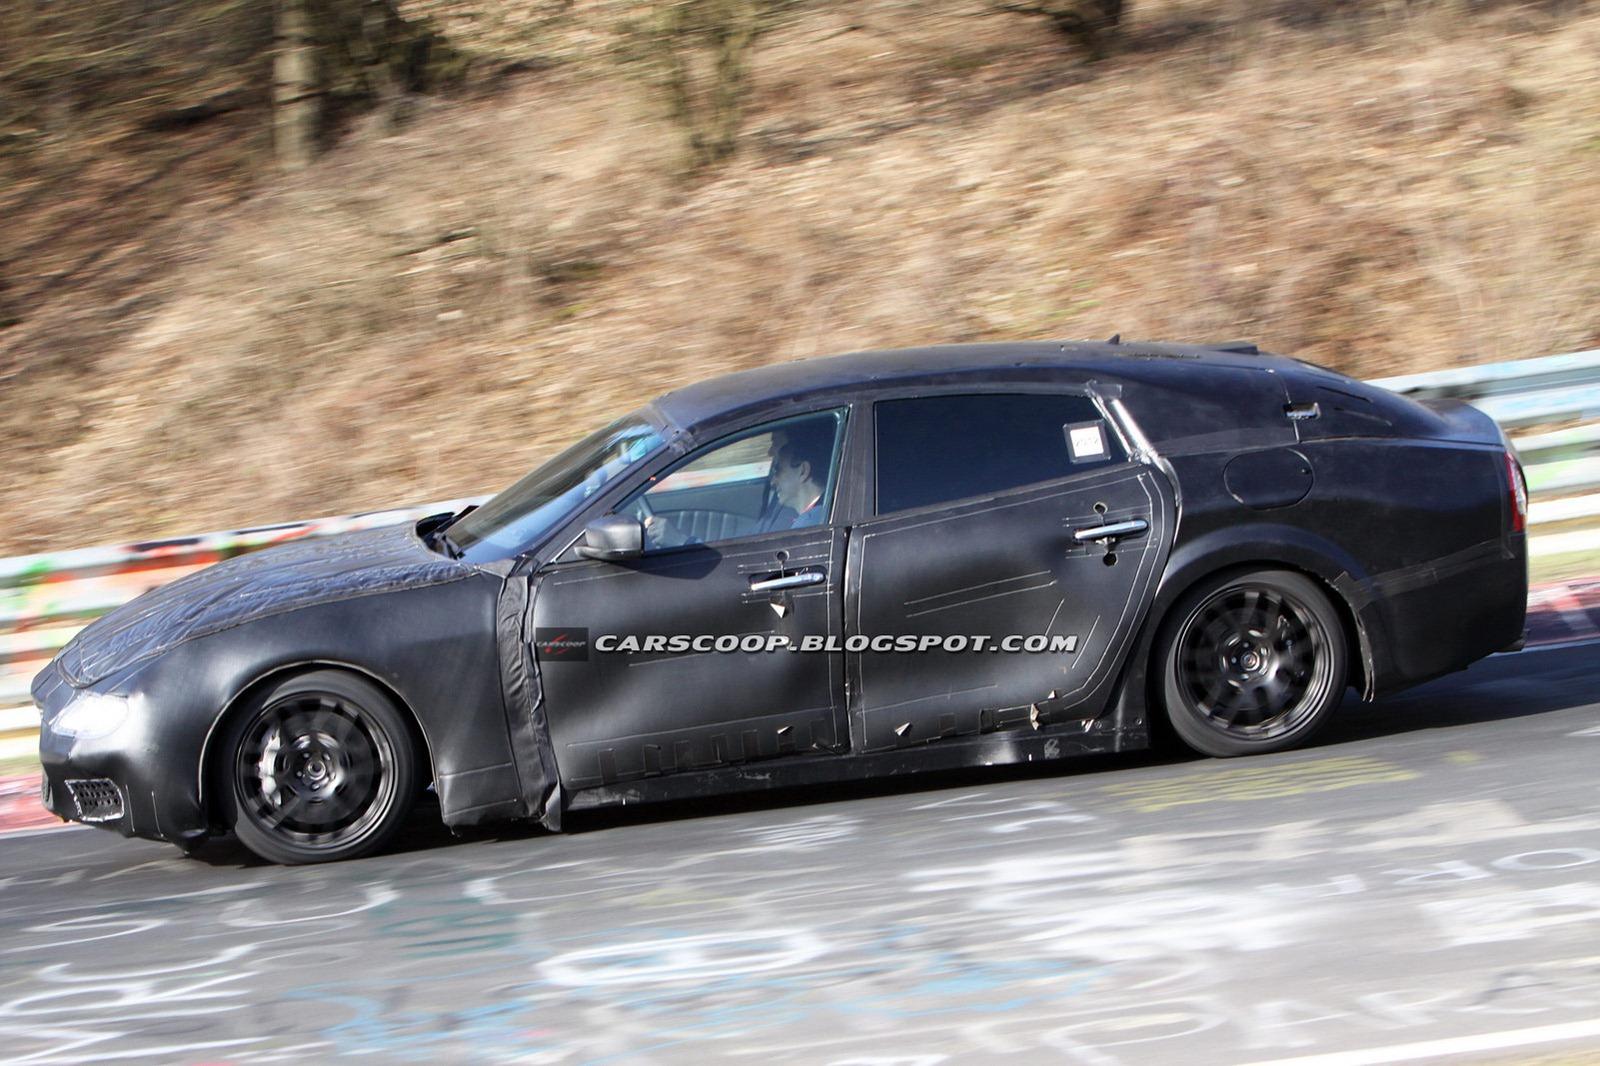 Nuova Maserati Ghibli Maserati-quattroporte-foto-spia-30-03-12_05